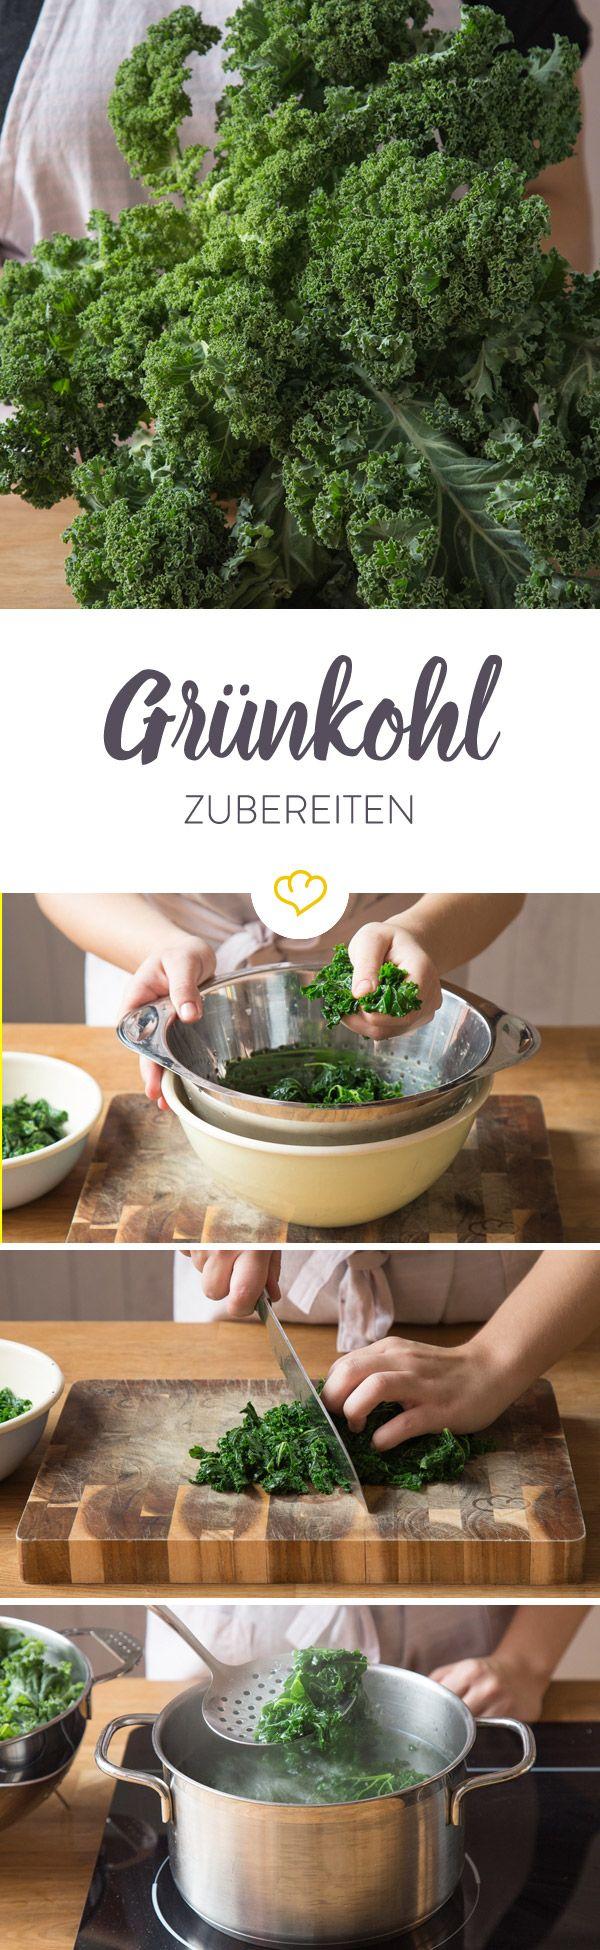 Welches Fleisch passt zum deftigen Grünkohl? Kann man den Krauskopf auch roh essen? Und wie verarbeitet man ihn eigentlich am besten? Hier erfährst du es.